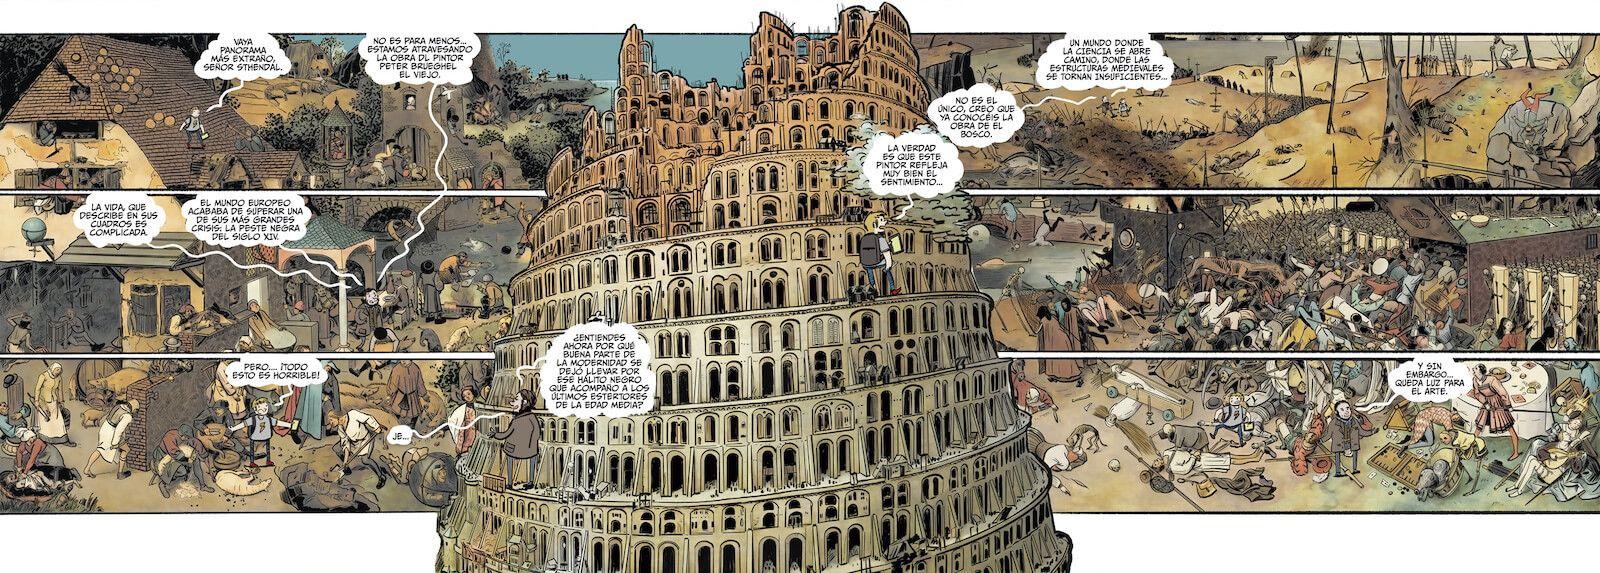 Historia del arte en cómic. El Renacimiento Pedro Cifuentes torre de babel Brueghel